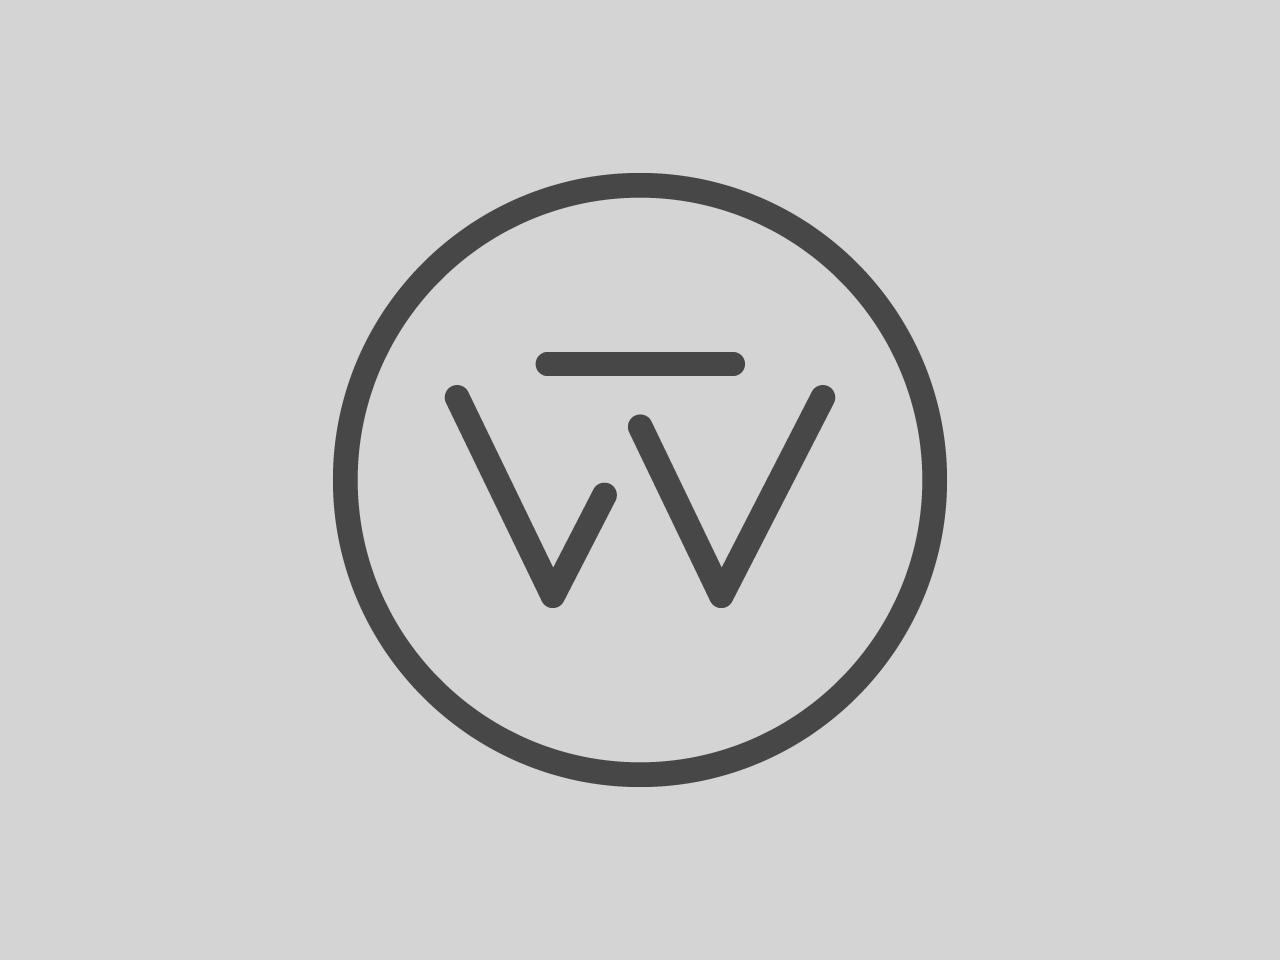 Work logo png 1 » PNG Image.